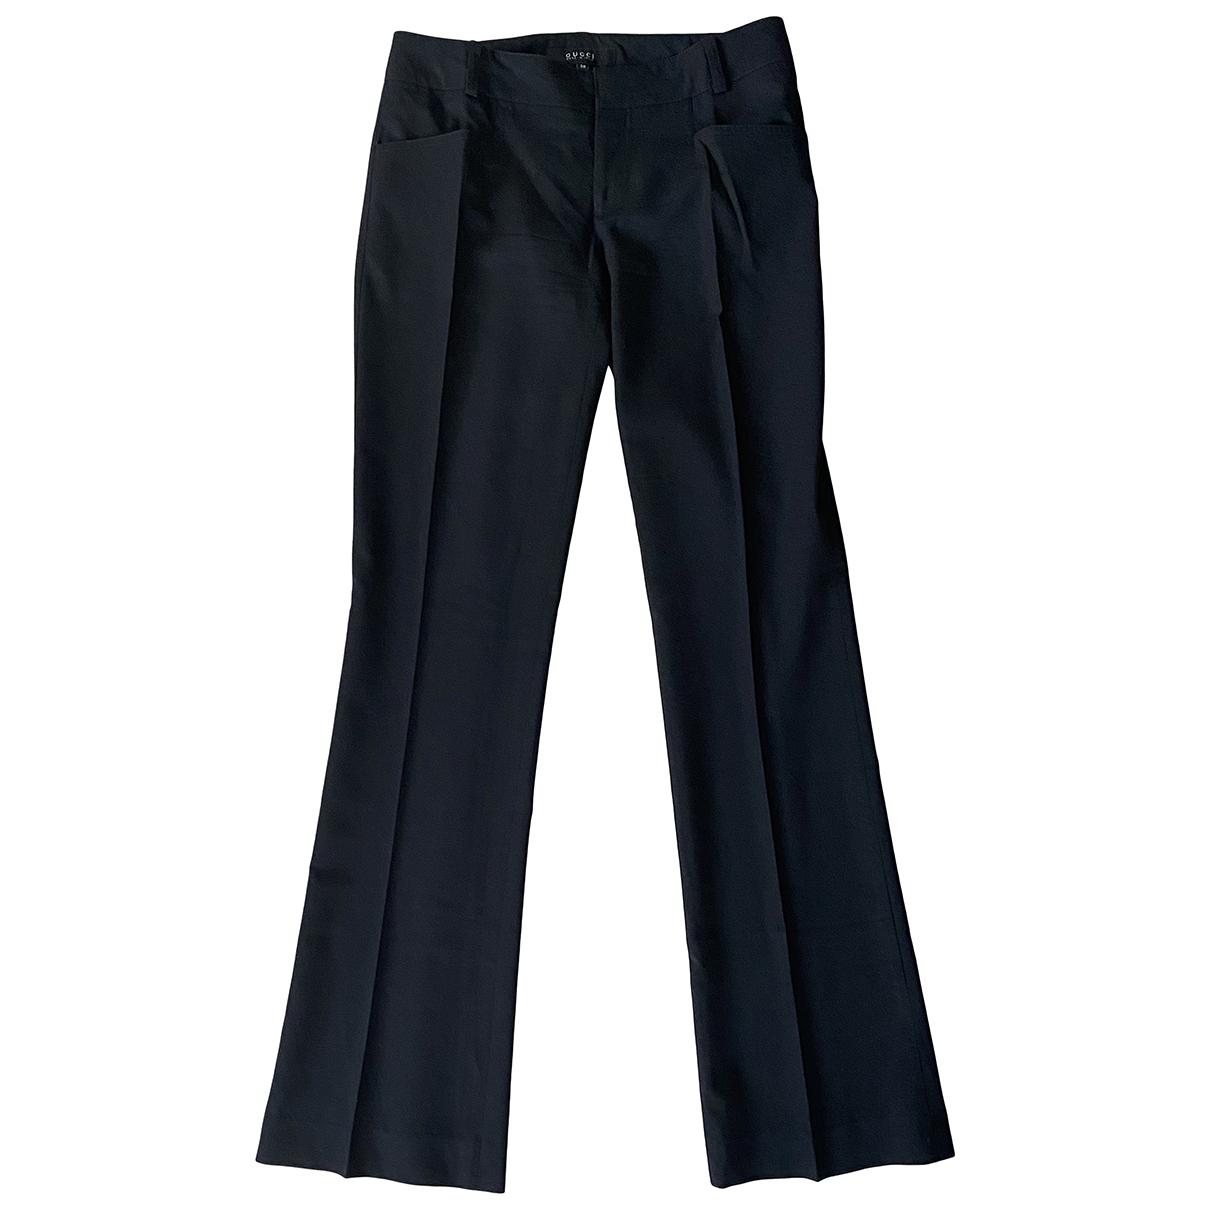 Gucci N Black Wool Trousers for Women 38 IT